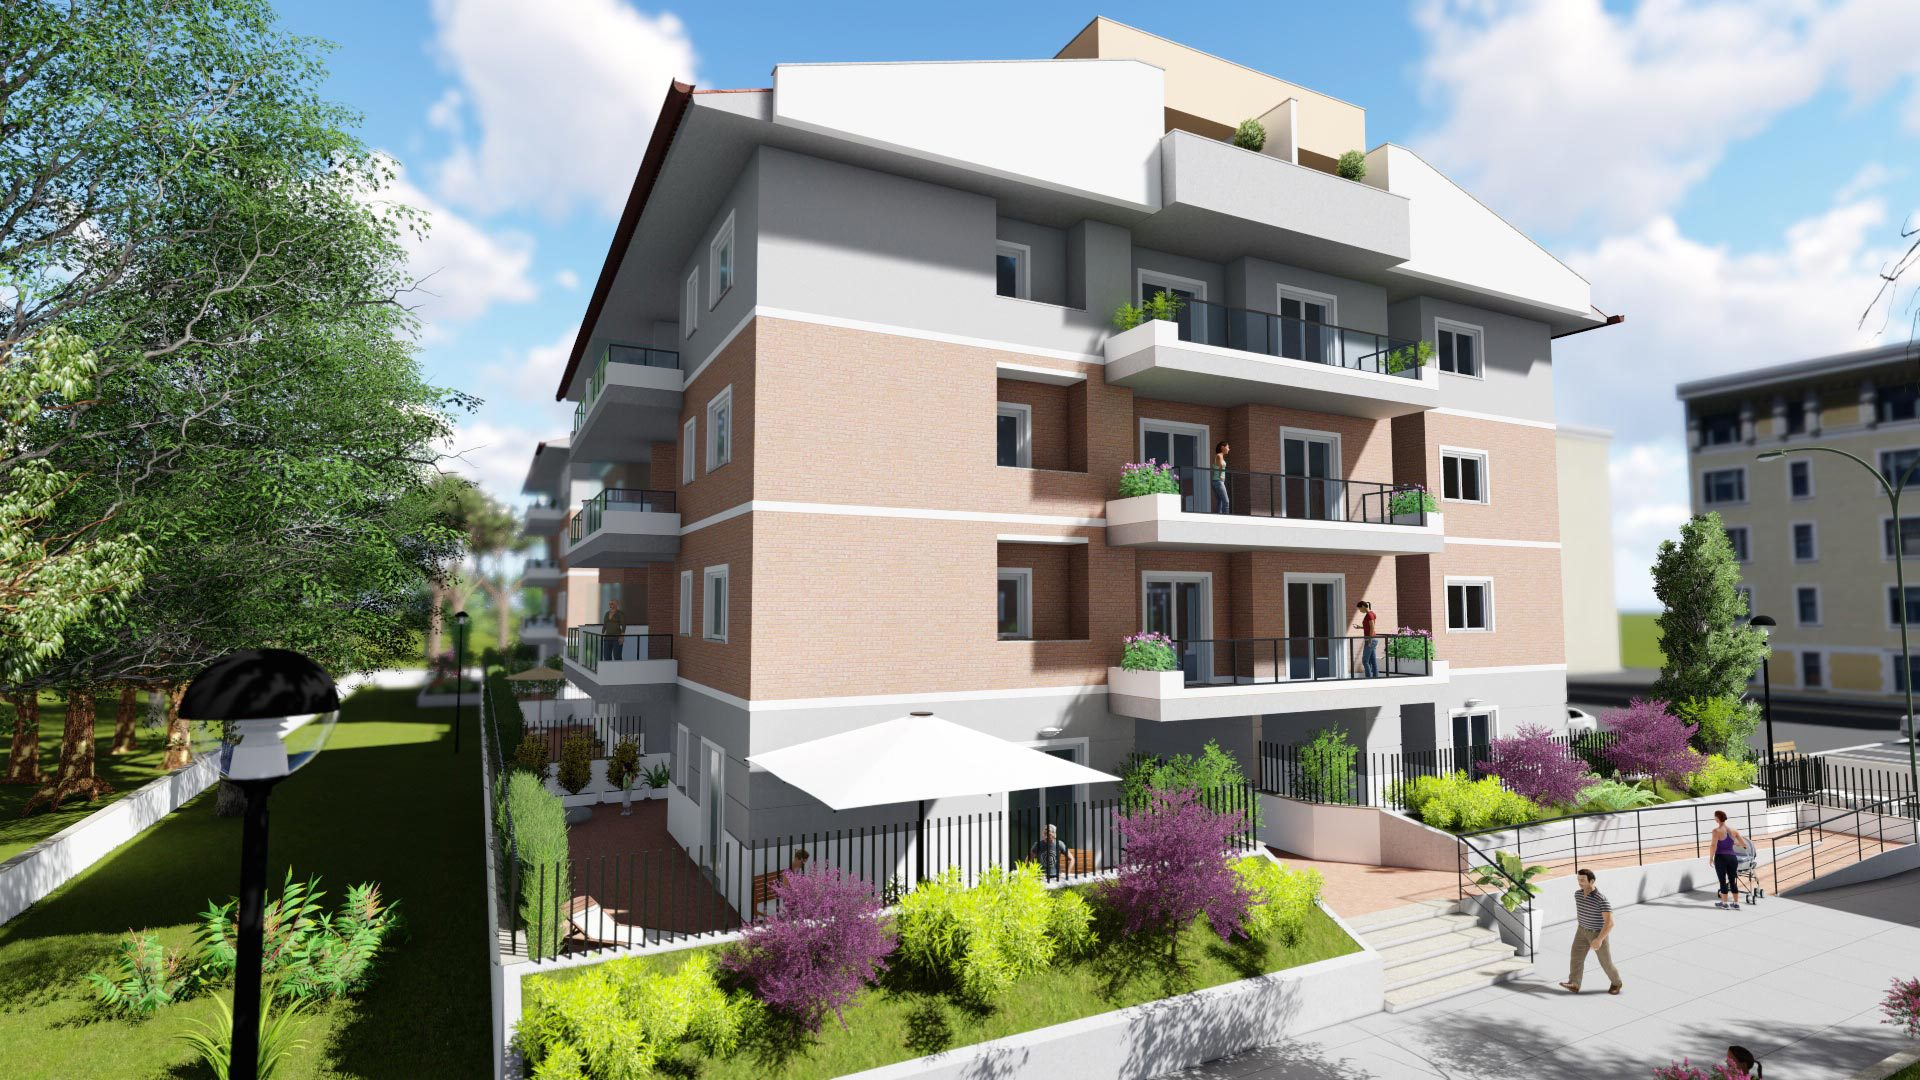 Case in vendita torresina 2 roma nuove costruzioni for Nuove planimetrie per la costruzione di case